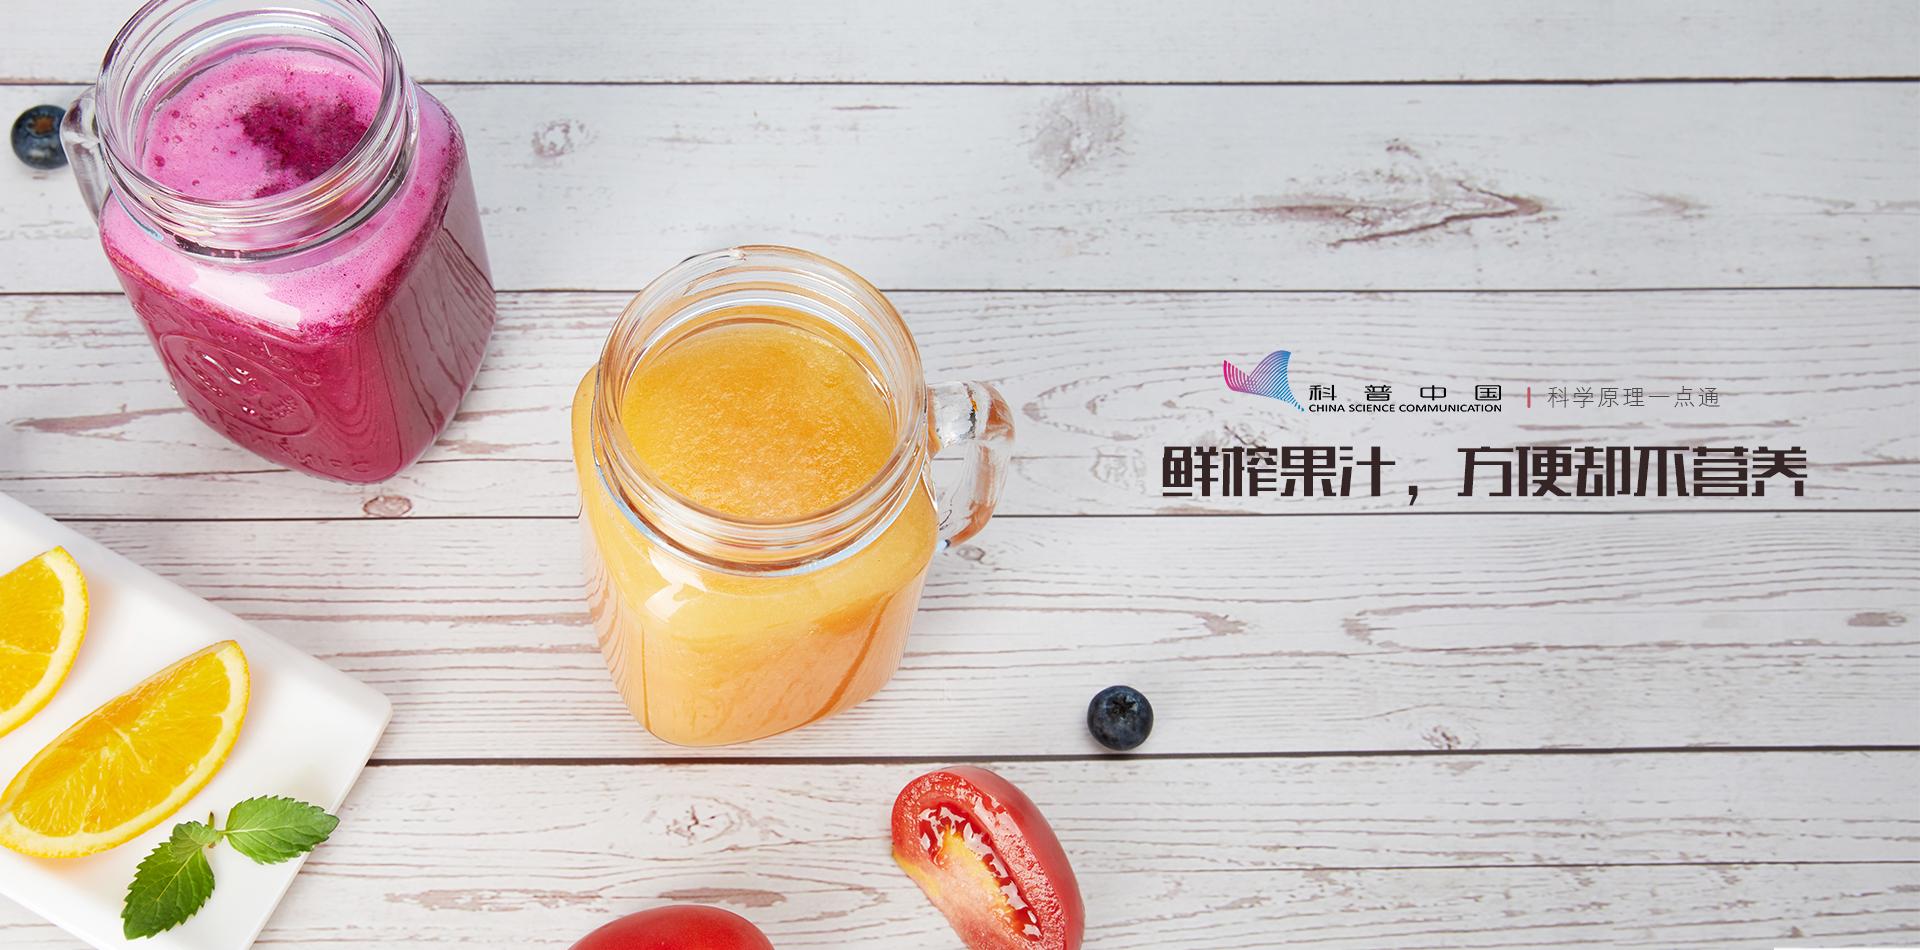 鮮榨果汁,方便卻不營養